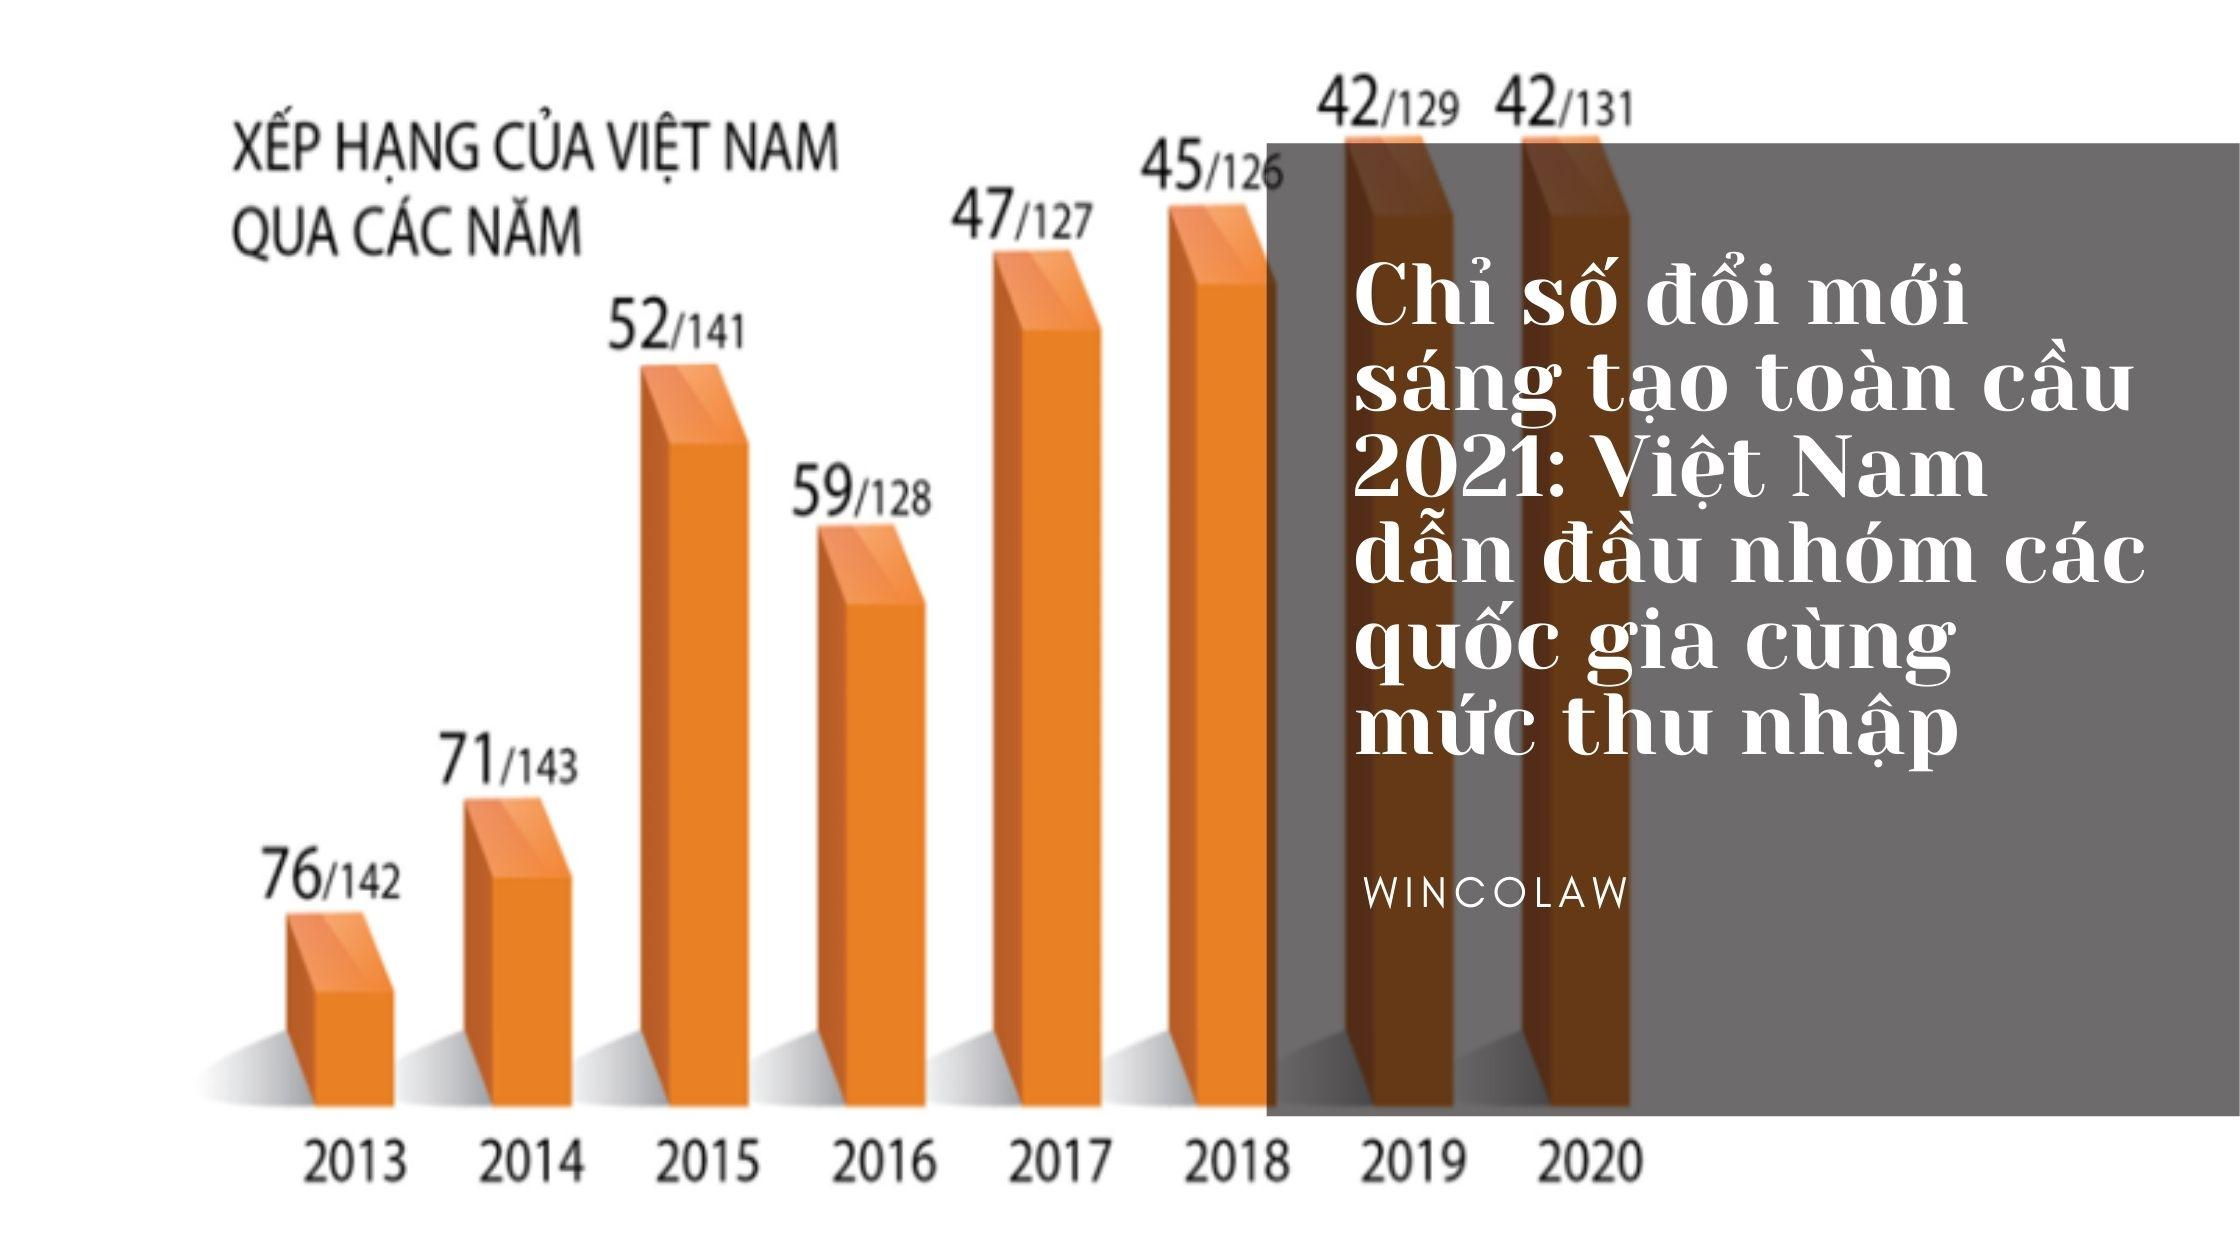 Chỉ số đổi mới sáng tạo toàn cầu 2021: Việt Nam dẫn đầu nhóm các quốc gia cùng mức thu nhập